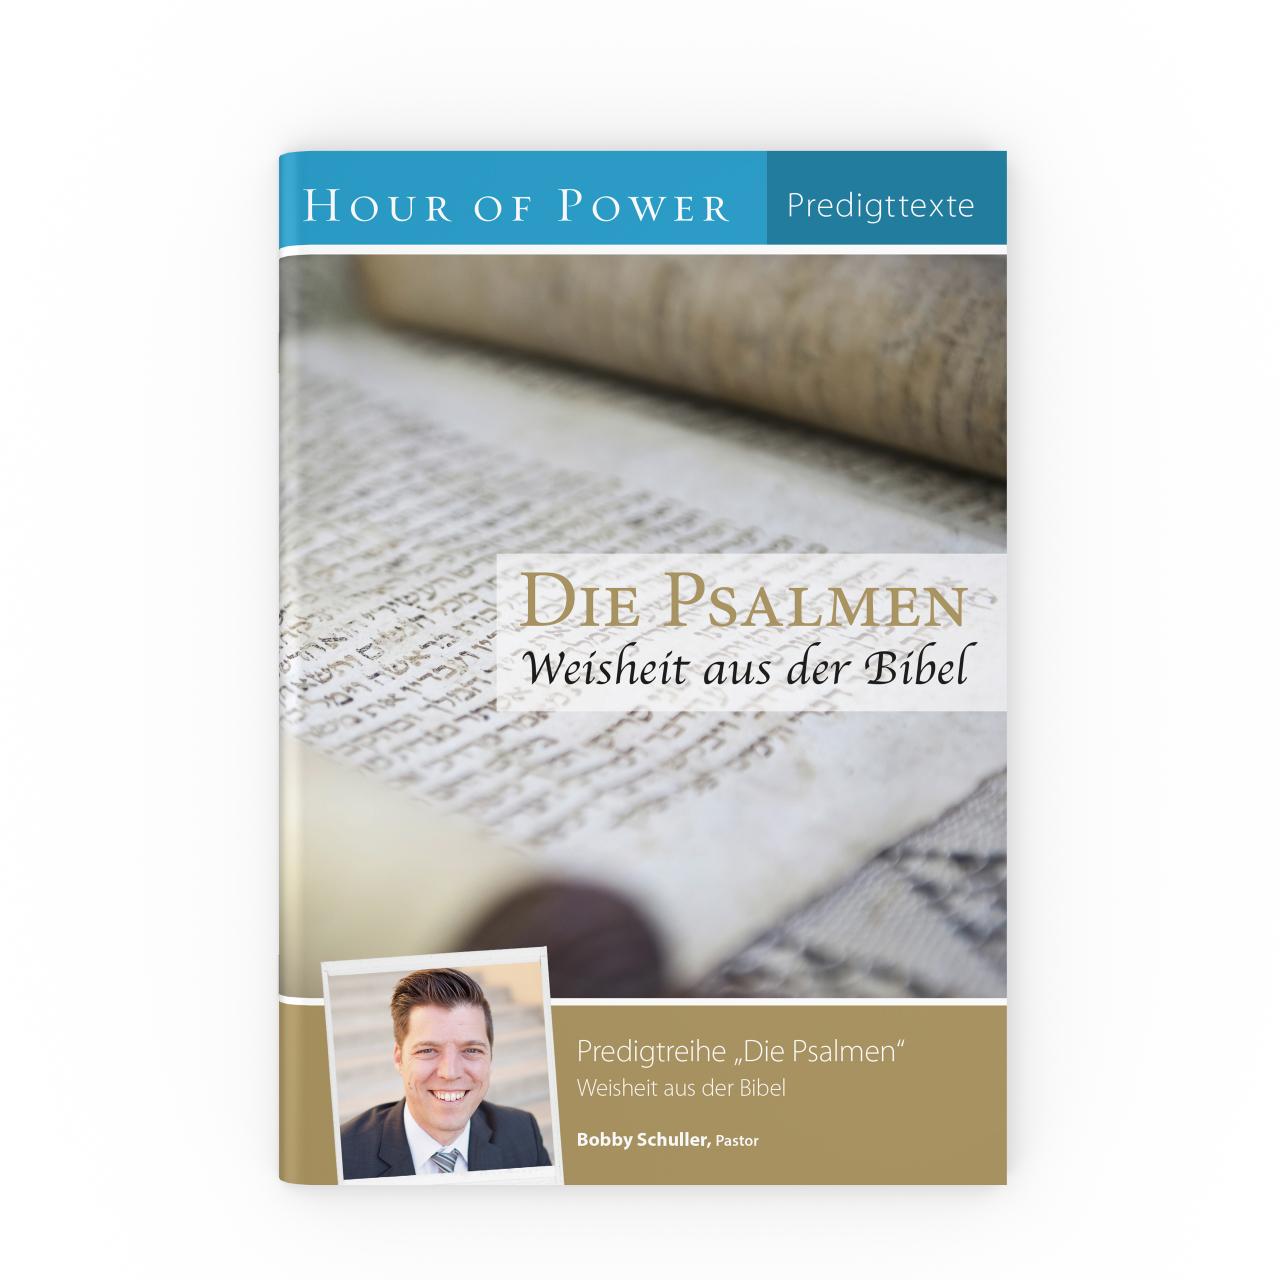 Booklet: Die Psalmen